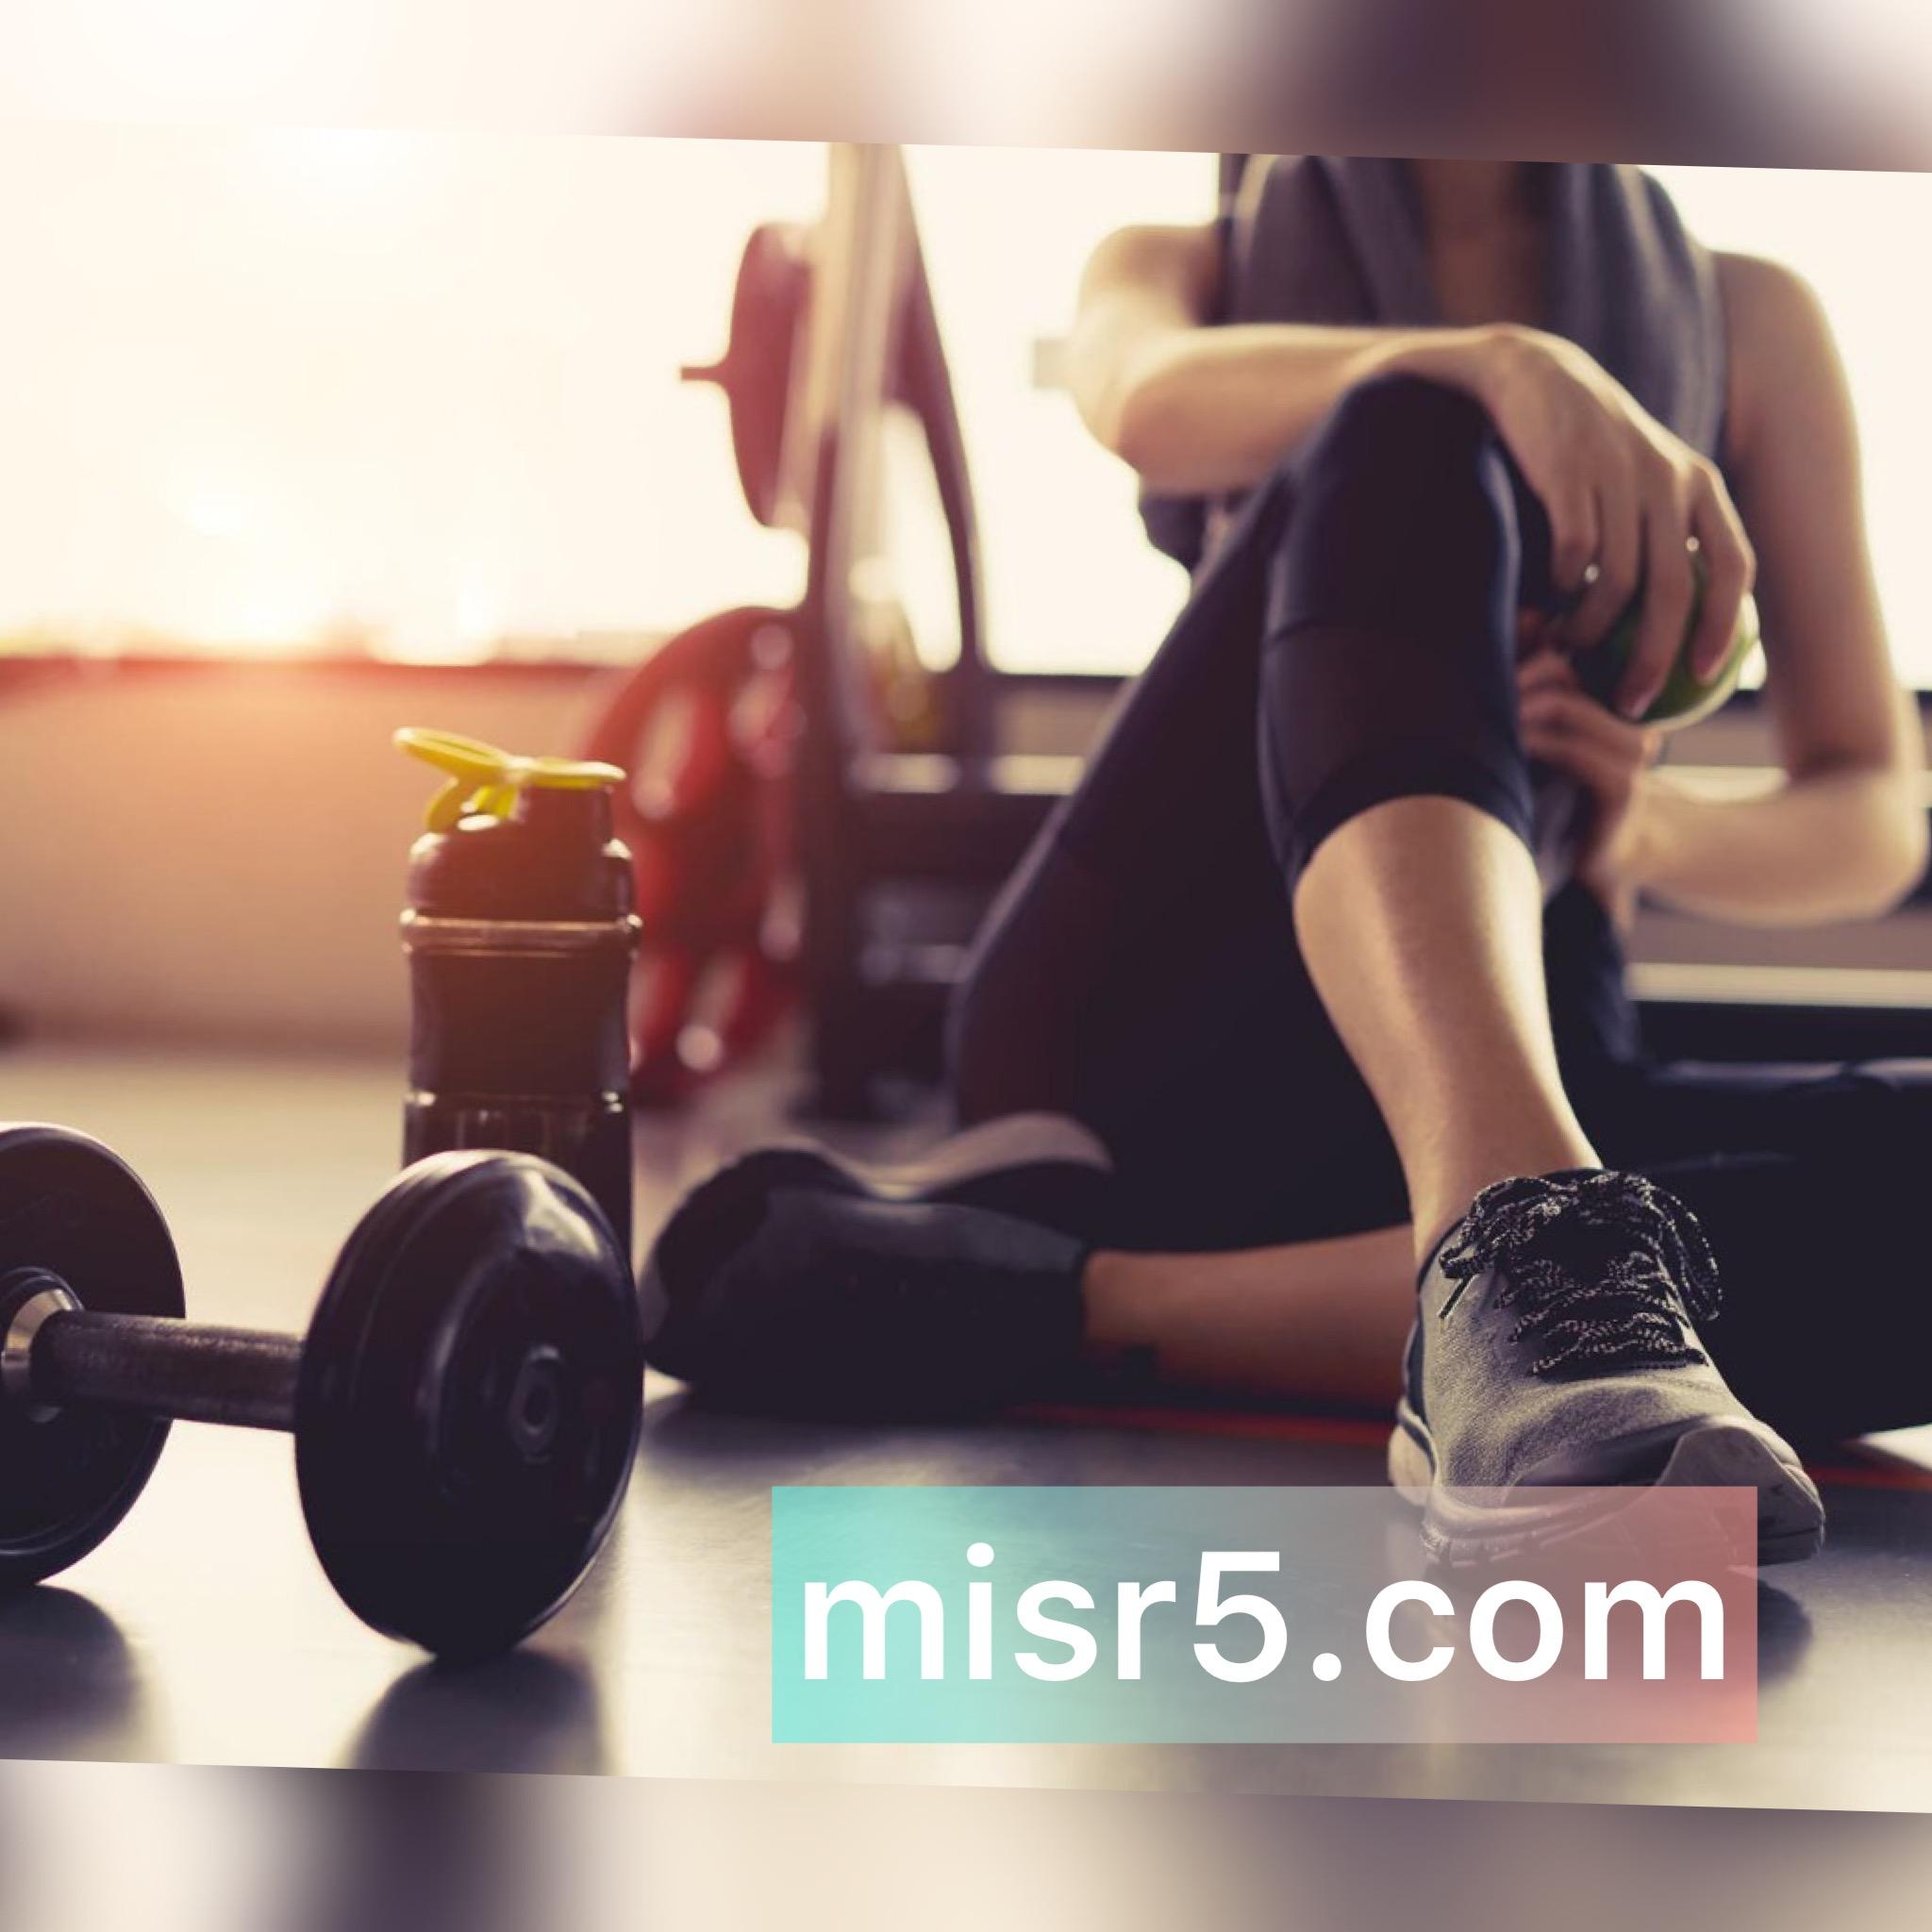 كيفية ممارسة الرياضة خلال شهر رمضان المبارك.. ومتى يجب ممارستها؟ 1